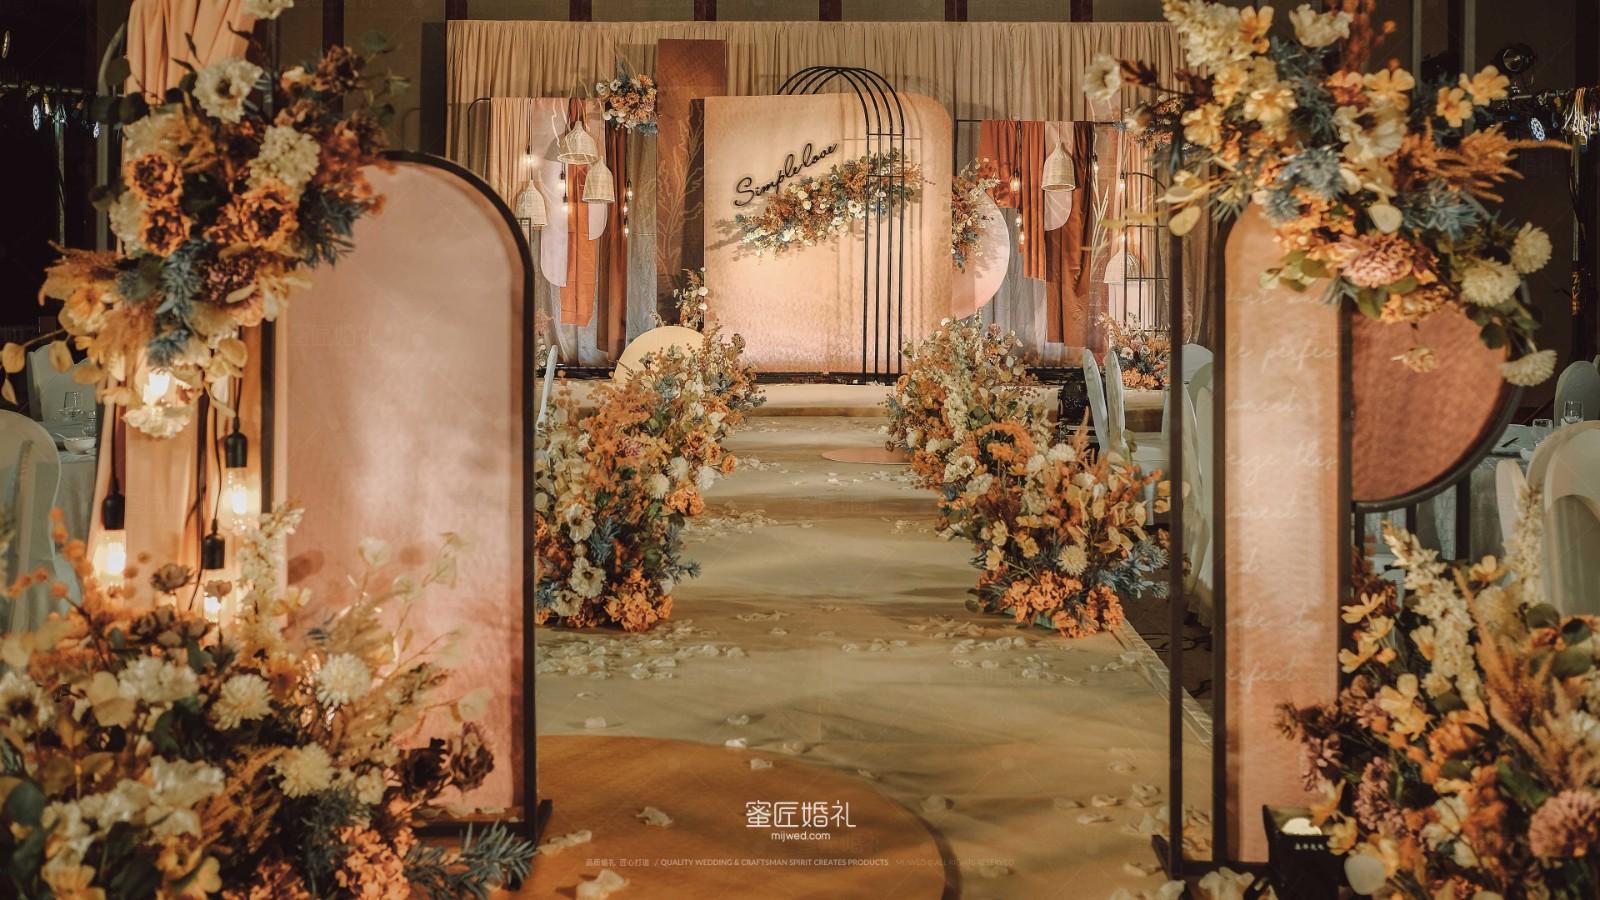 2021流行的婚礼布置风格 2021婚礼布置现场图片